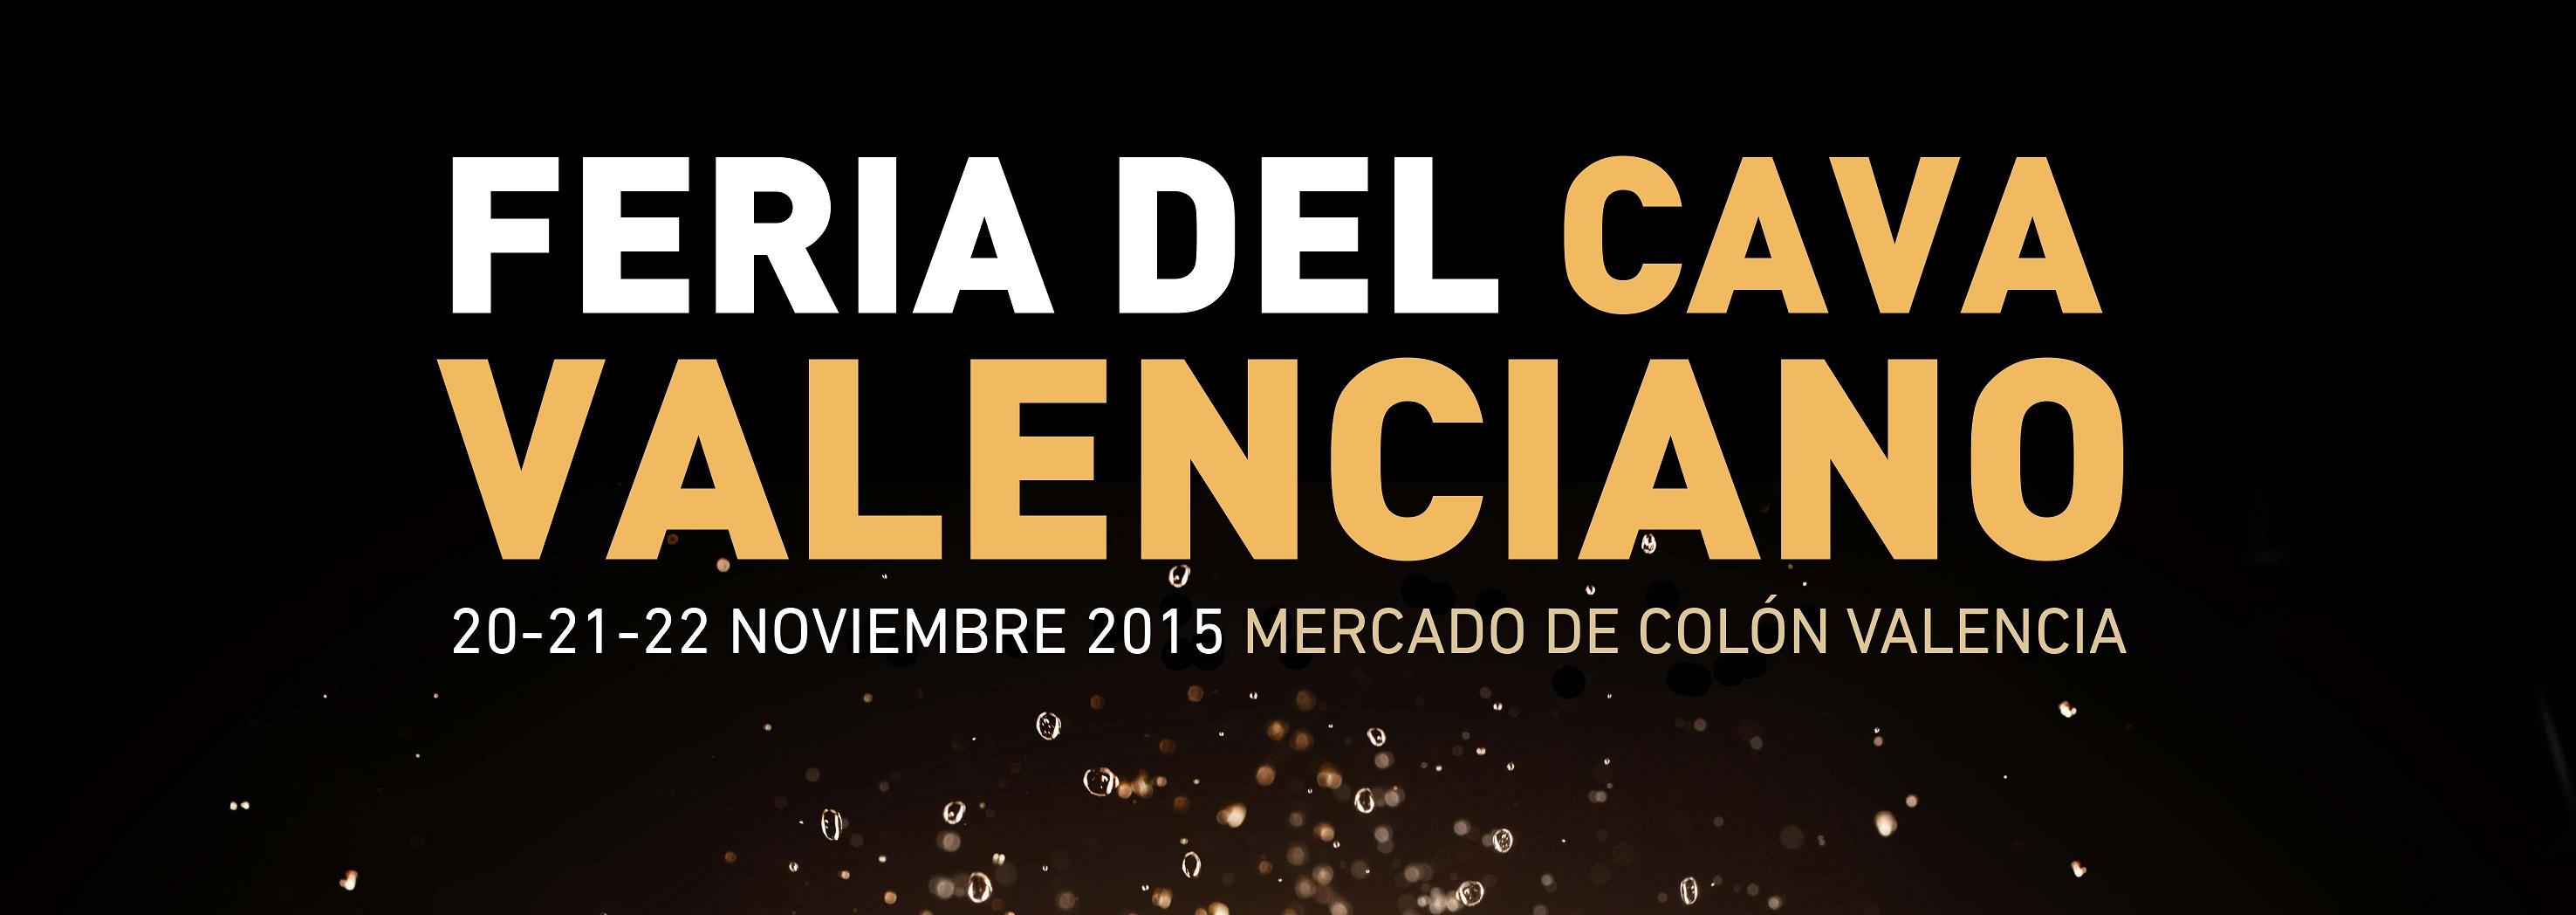 III Feria del Cava Valenciano: Del 20 al 22 de noviembre en Mercado de Colón